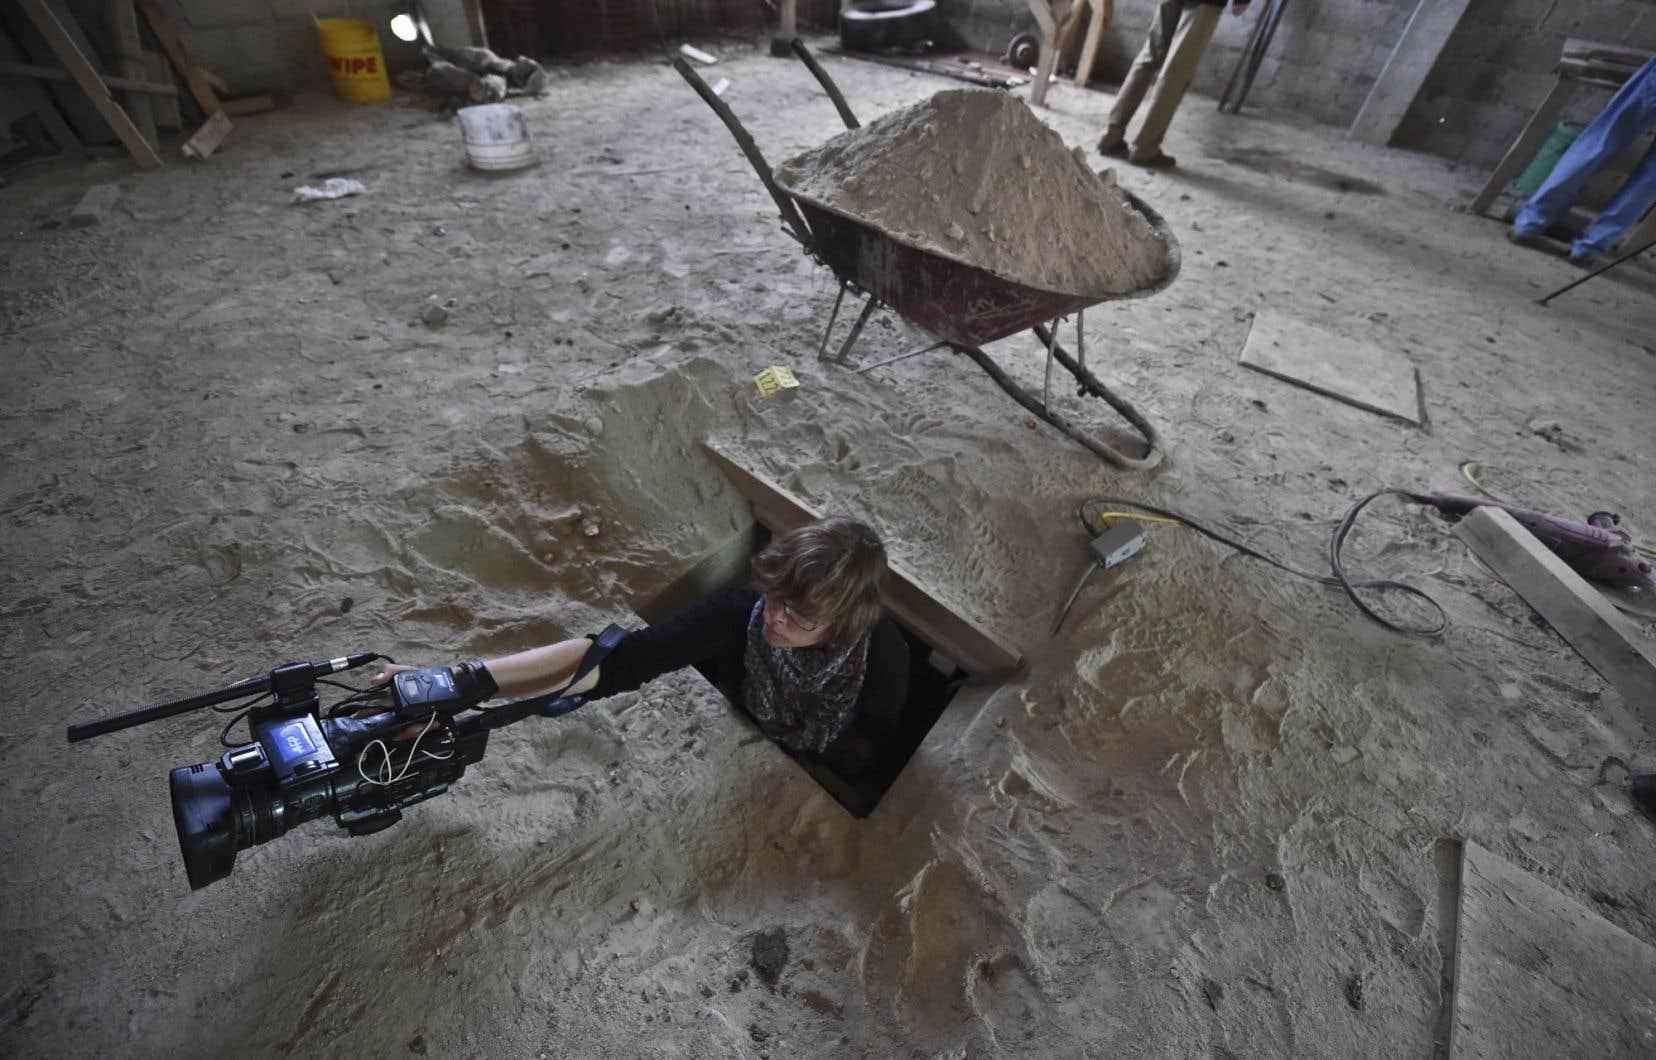 Daphné Lemelin, vidéaste correspondante de l'Agence France-Presse au Mexique, sortant du tunnel par lequel Joaquin «El Chapo» Guzman s'est échappé de la prison de haute sécurité de l'Altiplano.